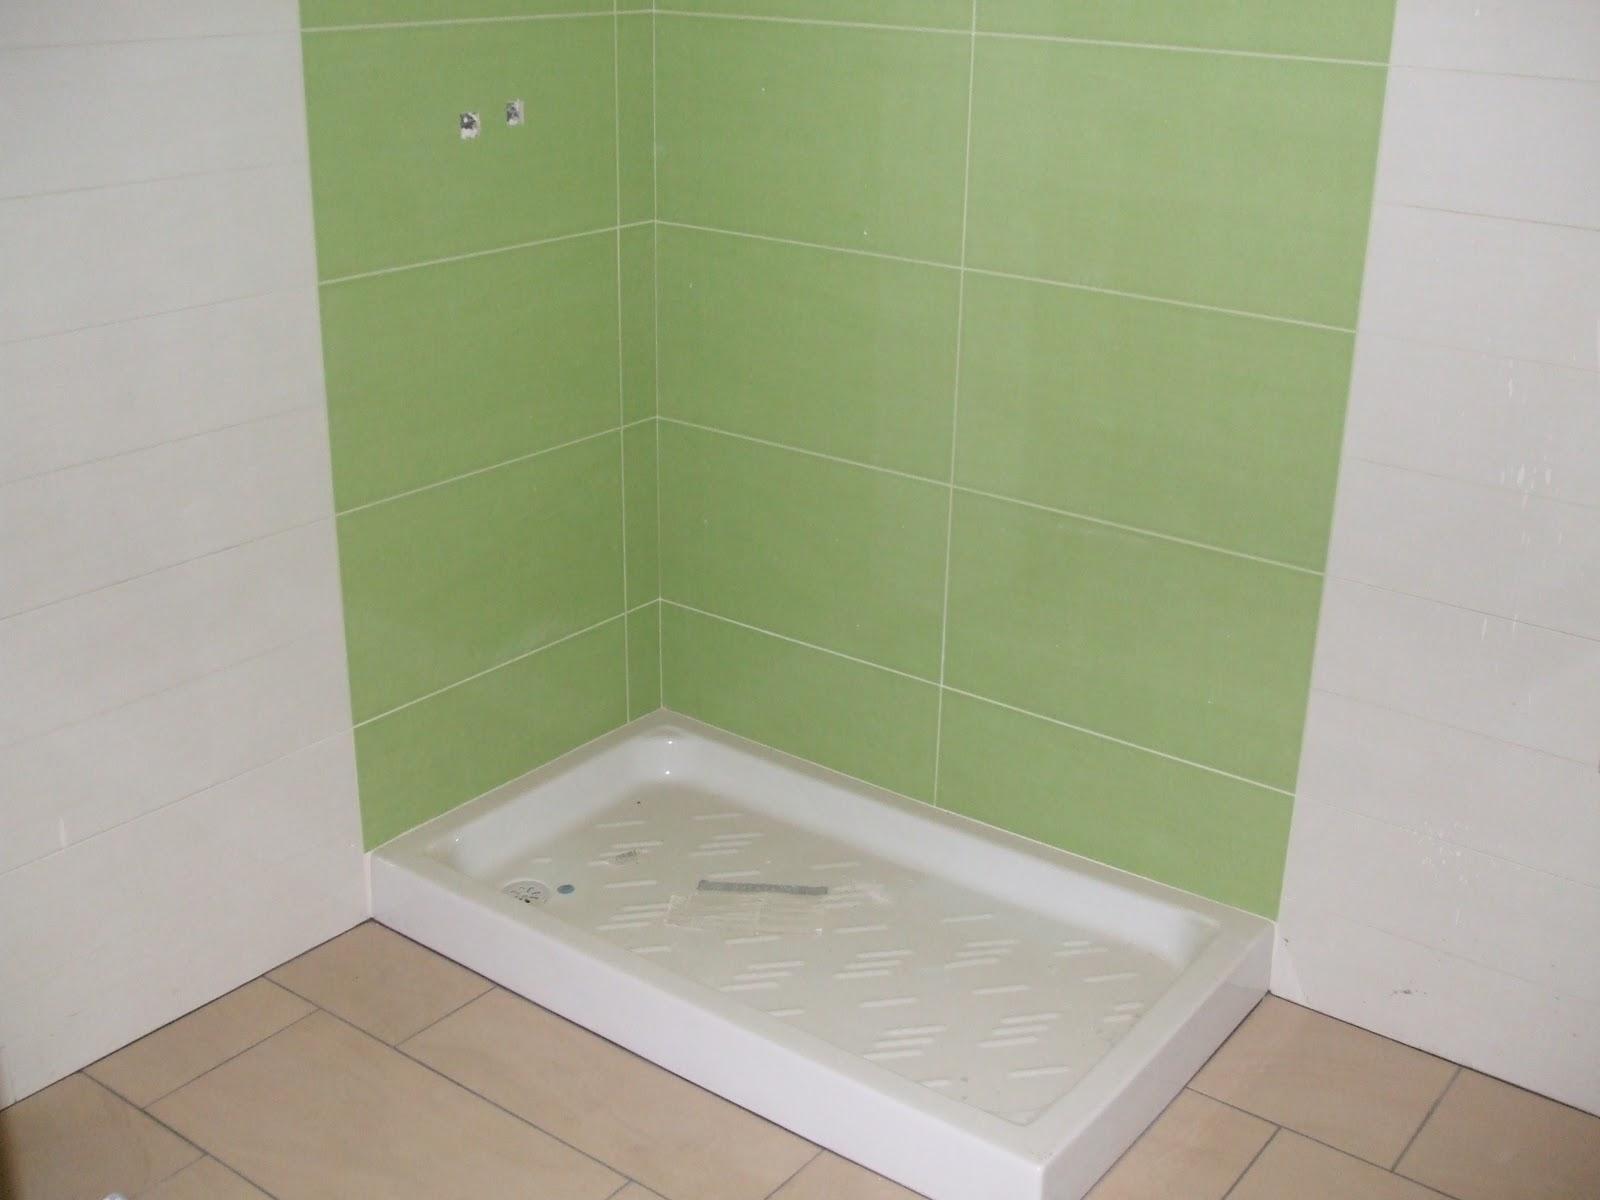 Baños Verde Con Beige:AZULEJOS, ALICATADOS Y ALICATADORES: ALICATADO EN VIVIENDA PARTICULAR